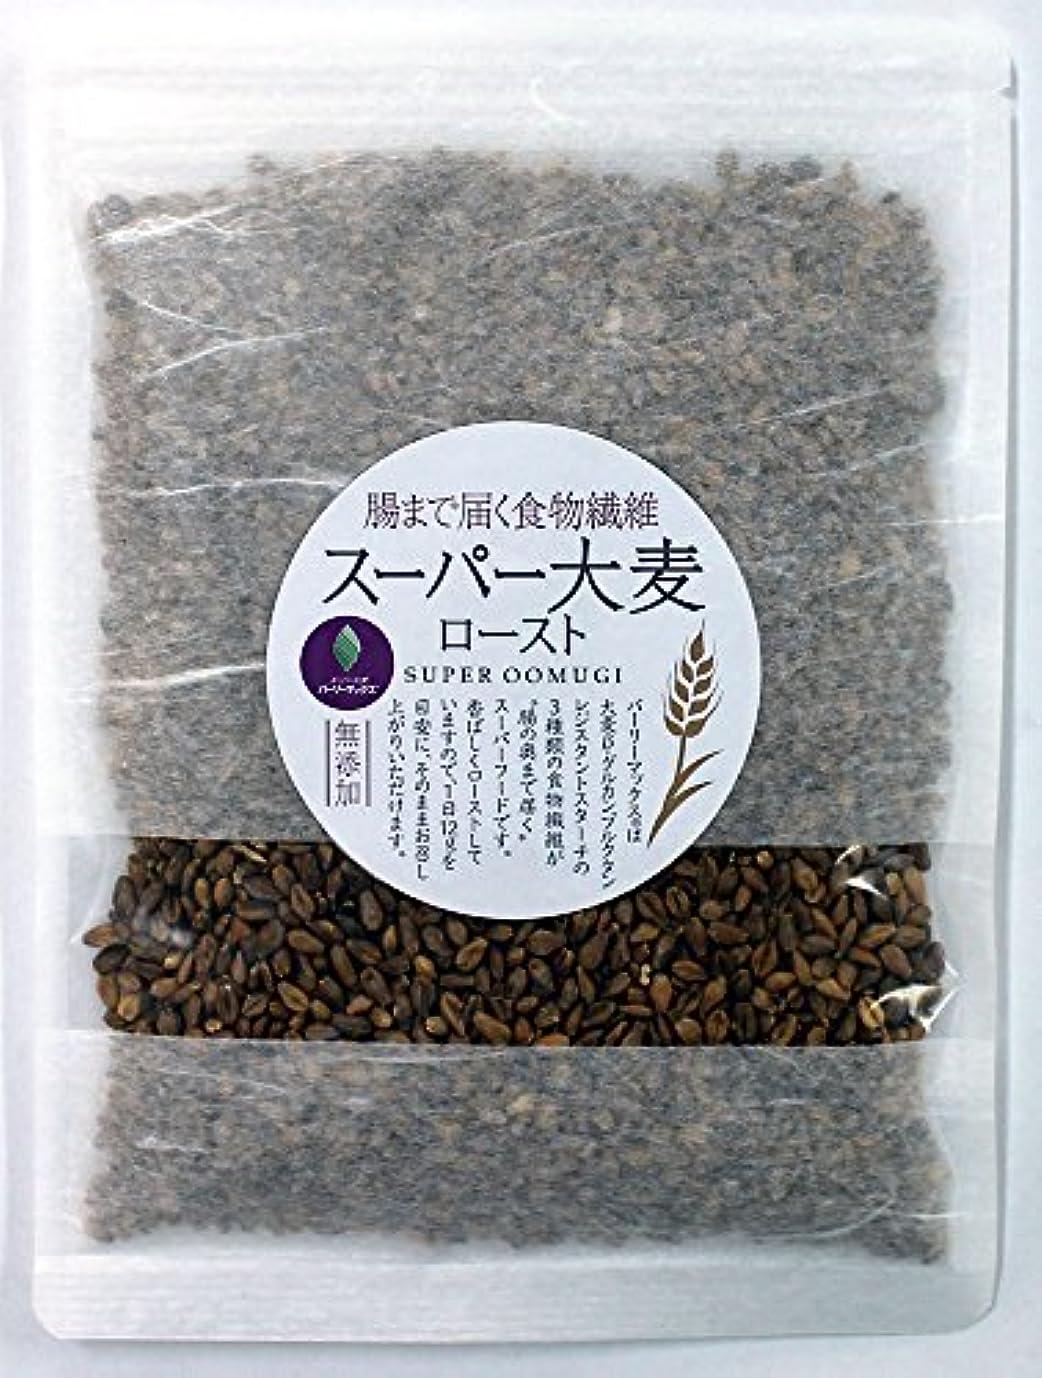 石の快い食器棚スーパー大麦 ロースト バーリーマックス 100g そのまま食べる スーパーフード バーリマックス